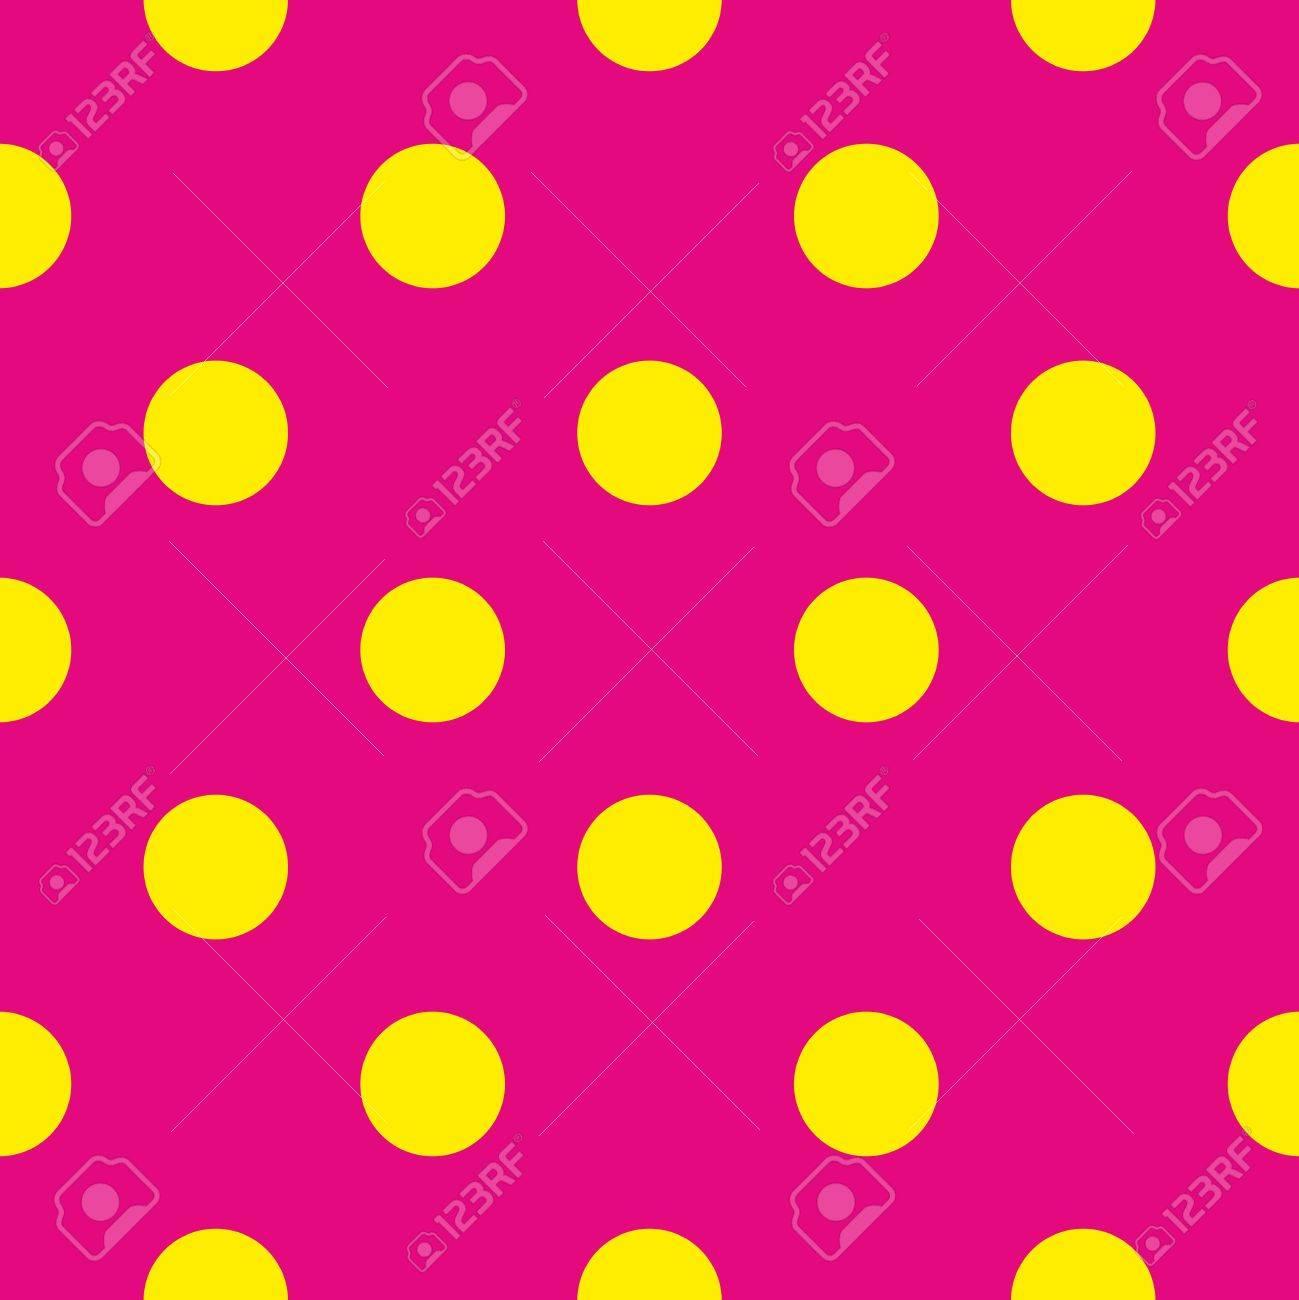 Sin Fisuras Vector Patrón O La Textura Con Grandes Lunares Puntos Amarillos Sobre Fondo De Color Rosa Neón Para Las Tarjetas Invitaciones Páginas